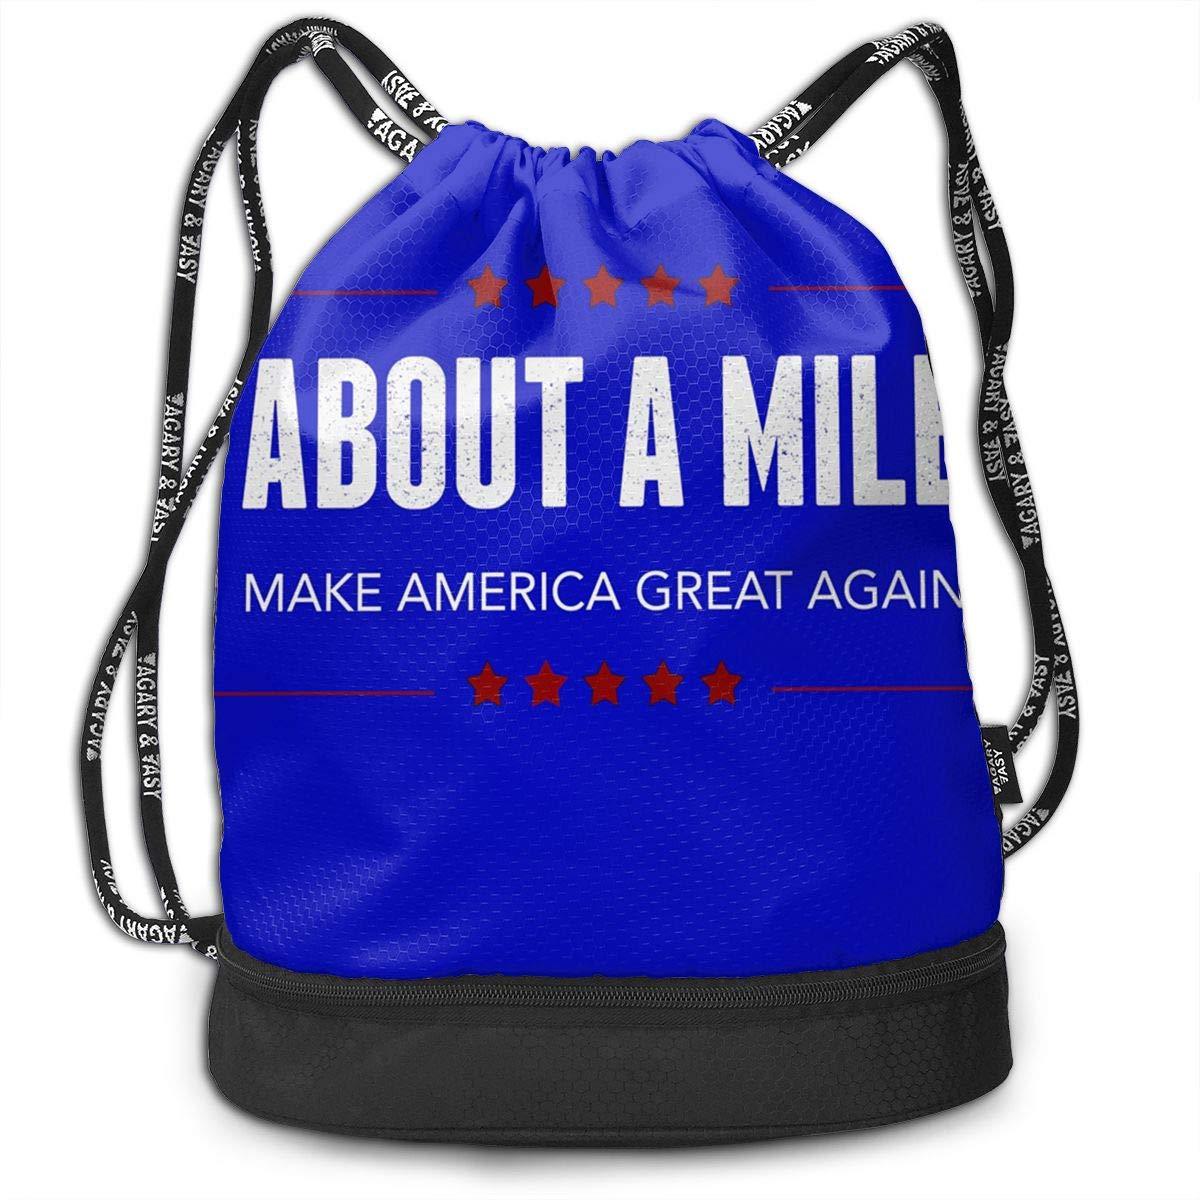 HUOPR5Q Make America Great Again Drawstring Backpack Sport Gym Sack Shoulder Bulk Bag Dance Bag for School Travel